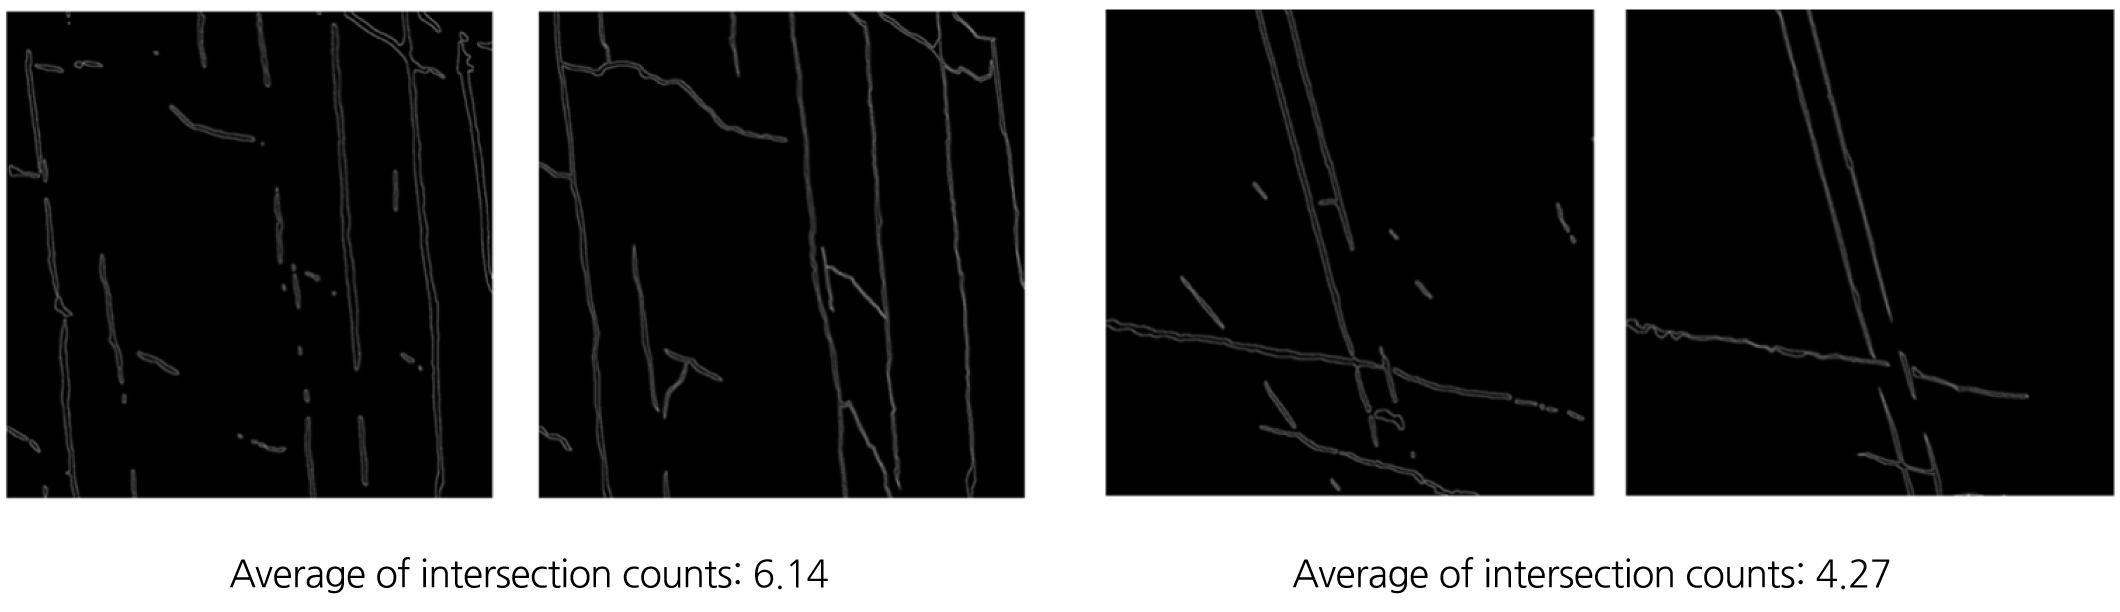 http://static.apub.kr/journalsite/sites/ksrm/2019-029-04/N0120290402/images/ksrm_29_04_02_F6.jpg